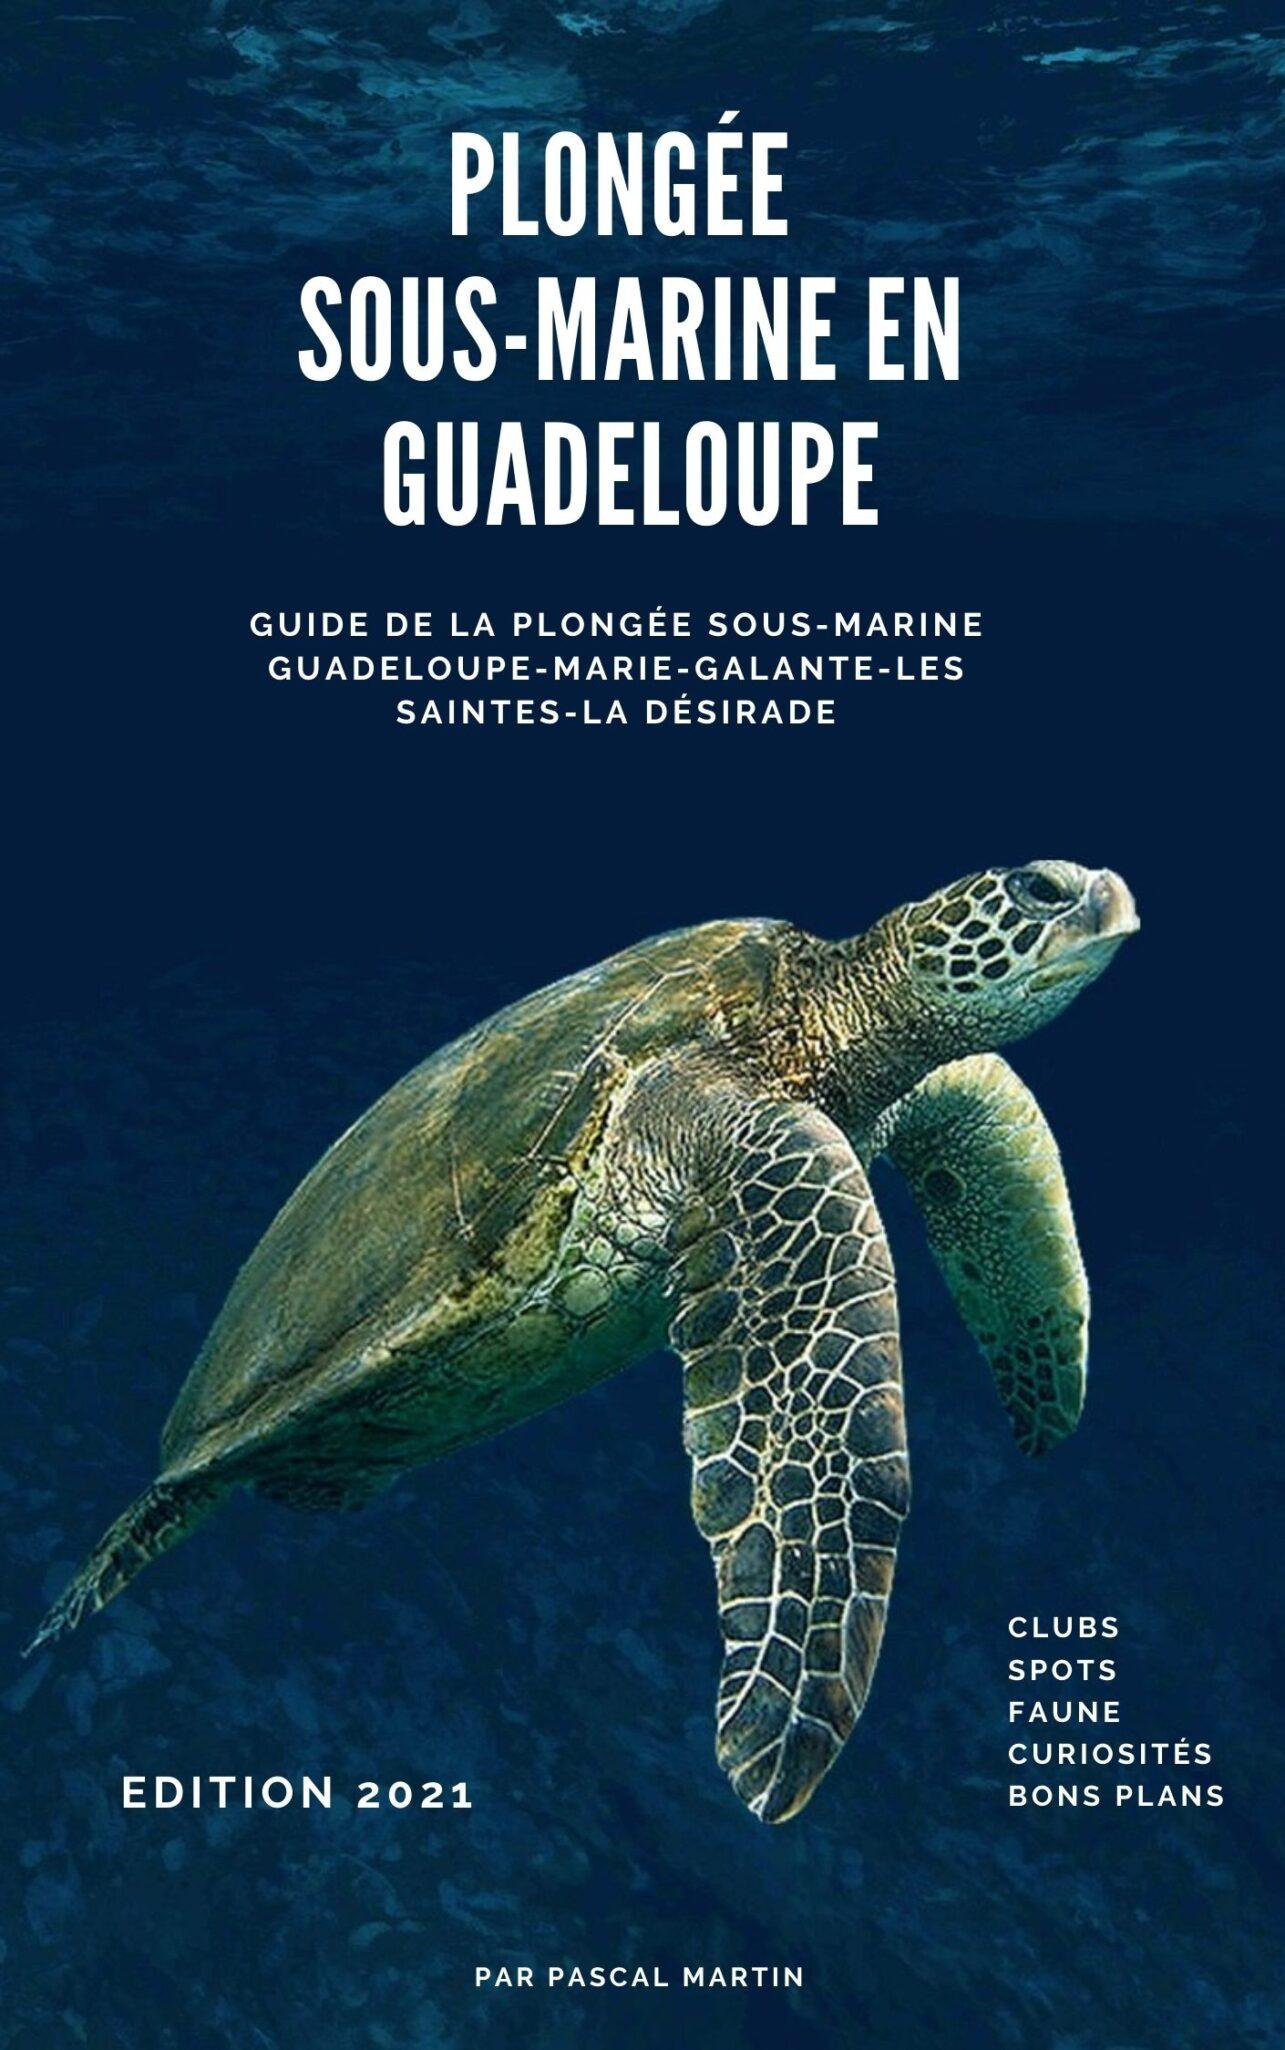 Plongee-sous-marine-en-Guadeloupe